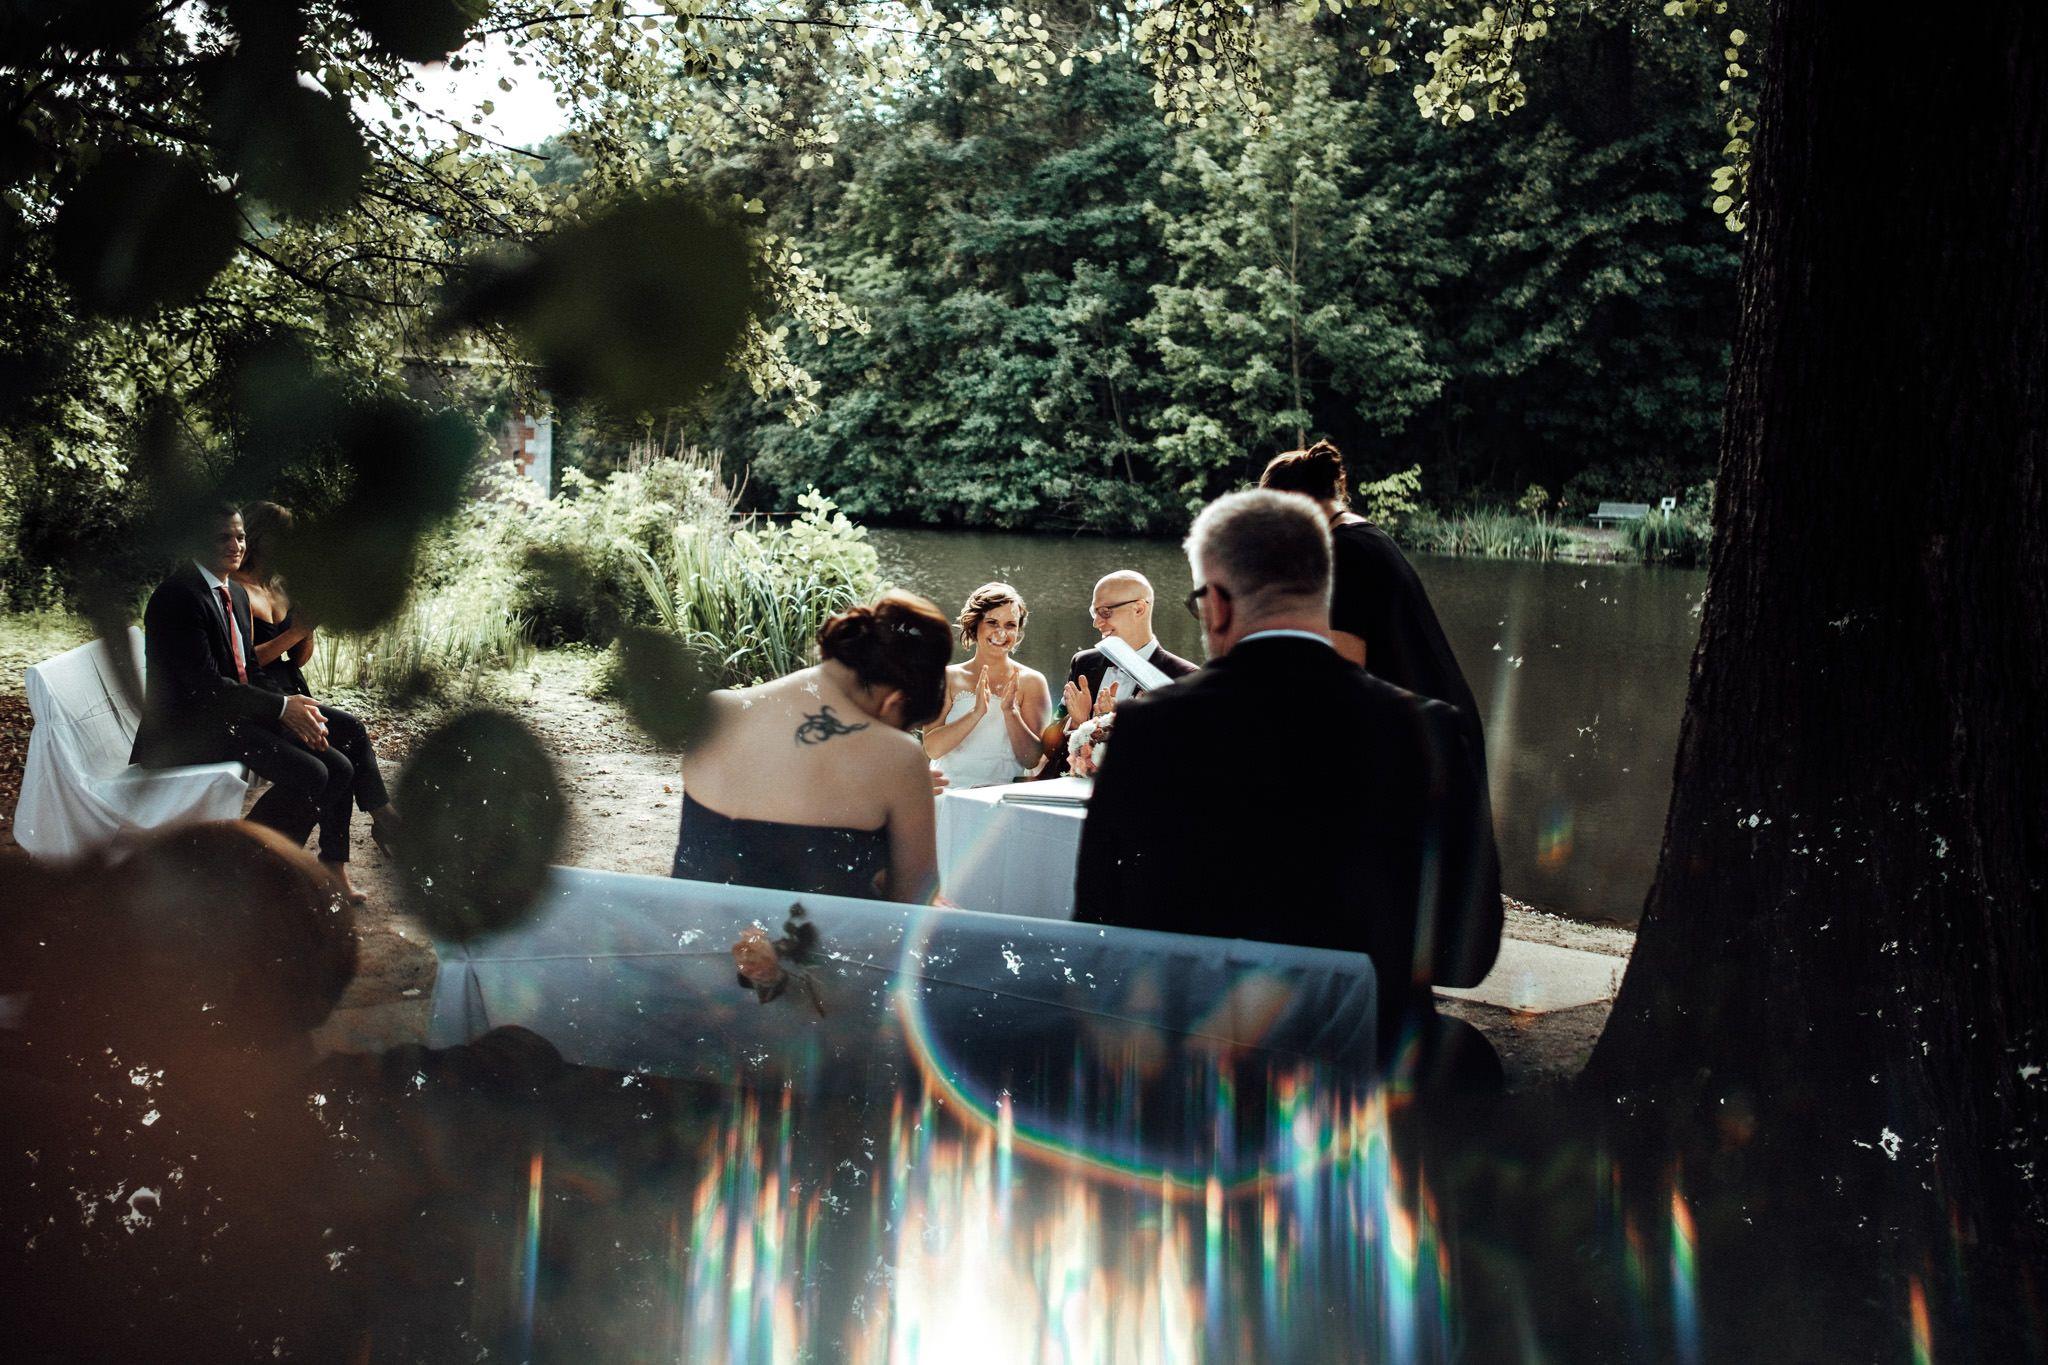 Freie Trauung Am Bruckenkopf Park In Julich Und Feier An Der Blumenhalle Nebenan Top Hochzeitslocation In Nrw